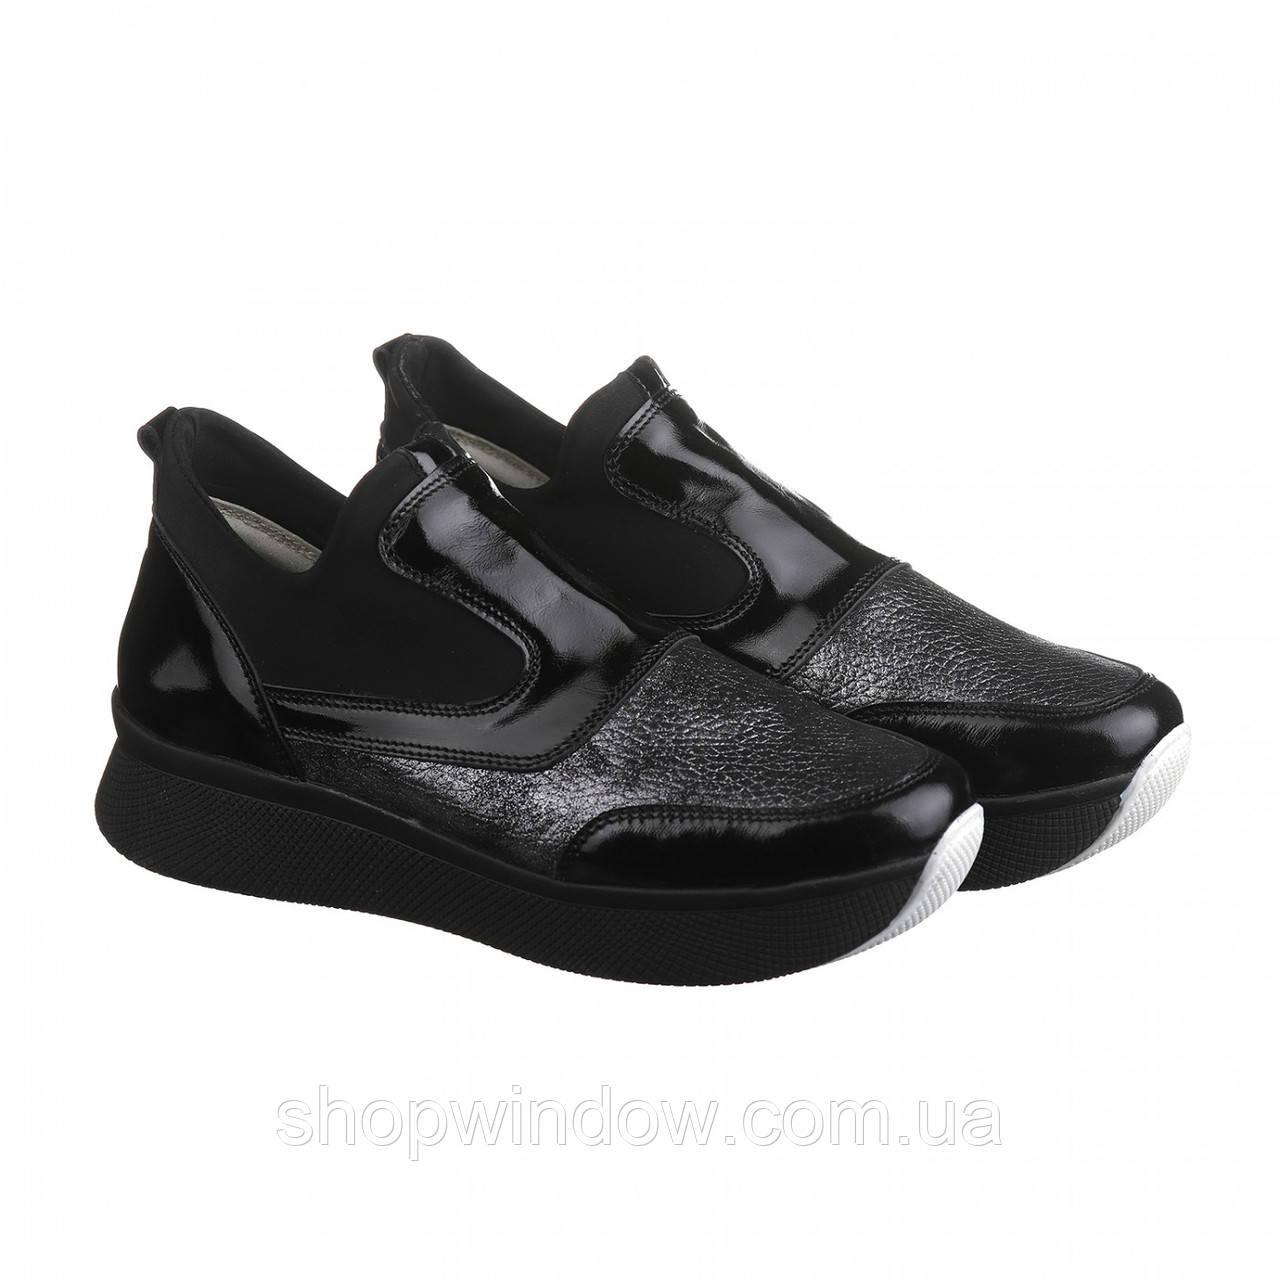 0bd25be4c Кроссовки на высокой подошве из натуральной кожи. Стильные кроссовки.  Женская обувь. Качественная обувь